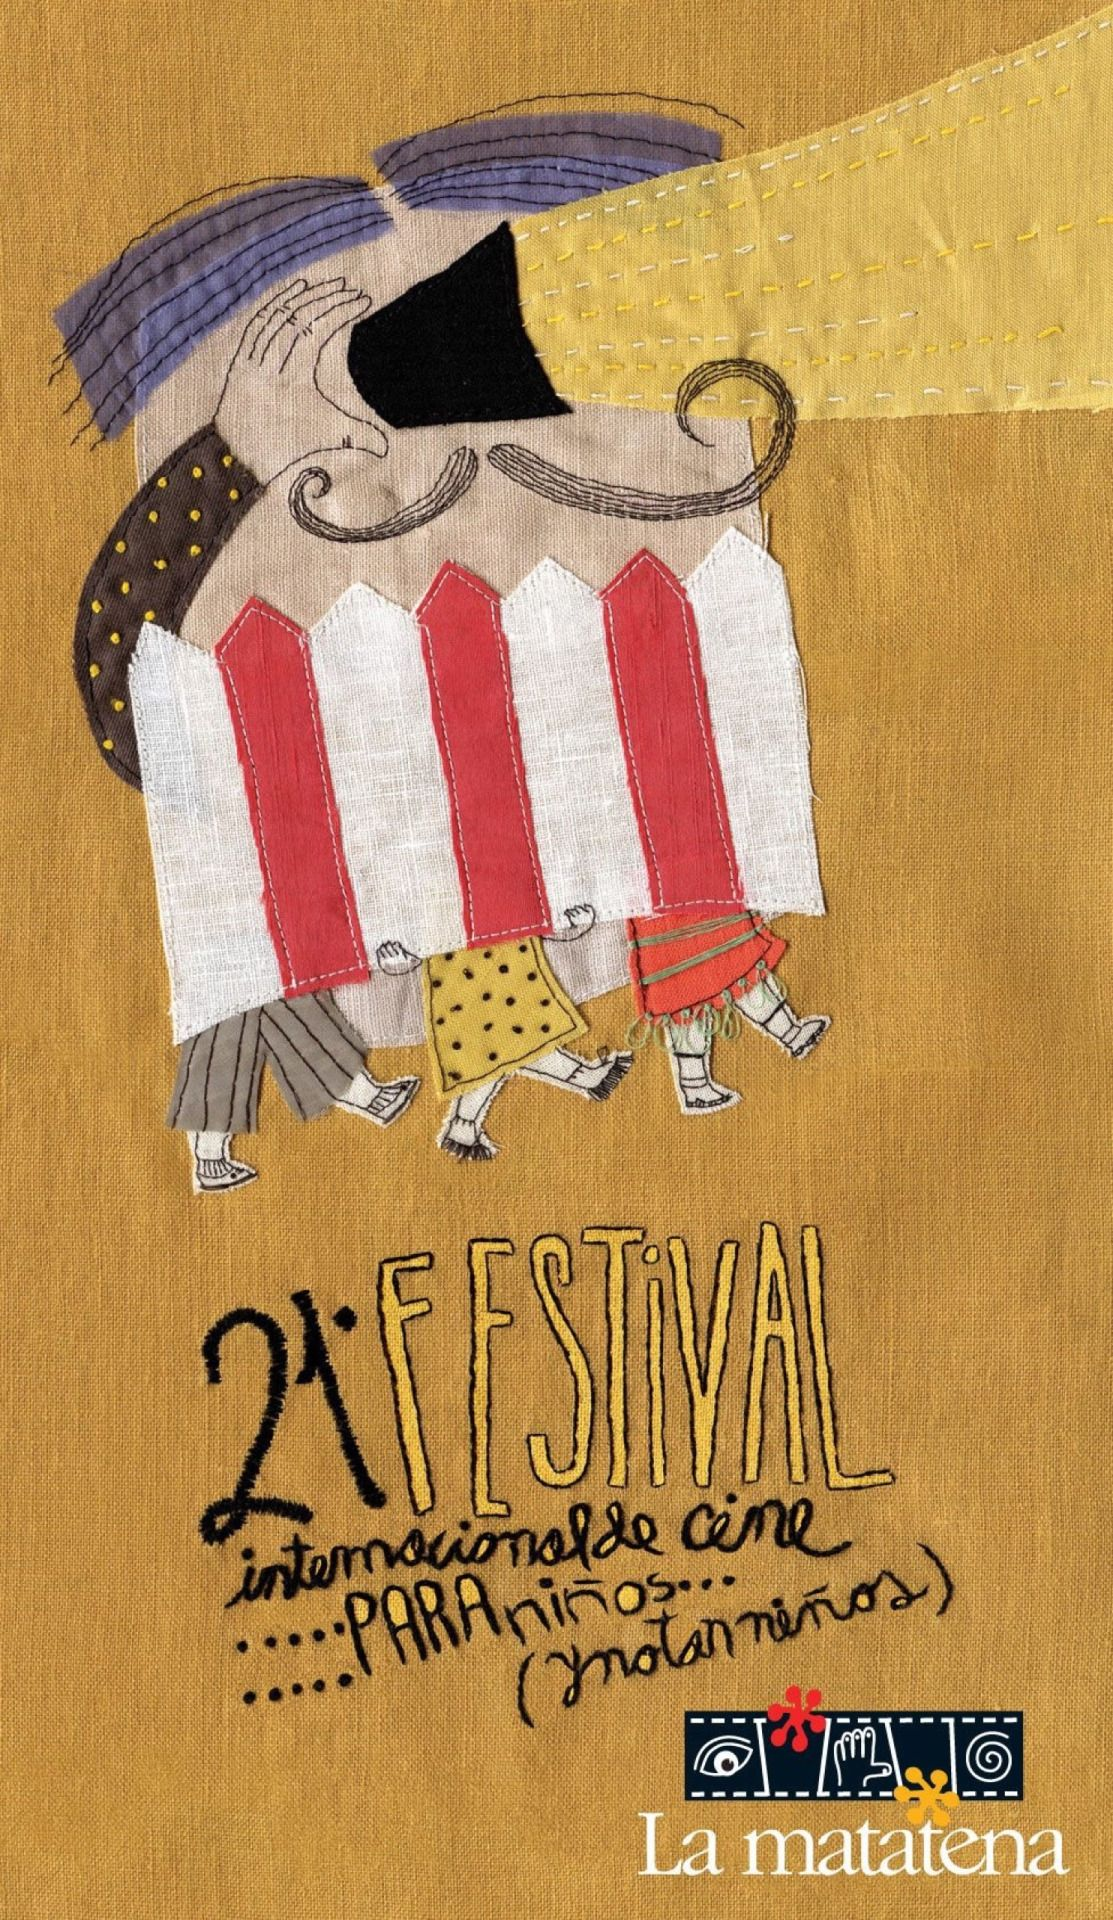 Este año hice el cartel del 21 Festival Internacional de Cine para Niños, organizado por La Matatena. Sólo telas e hilos.